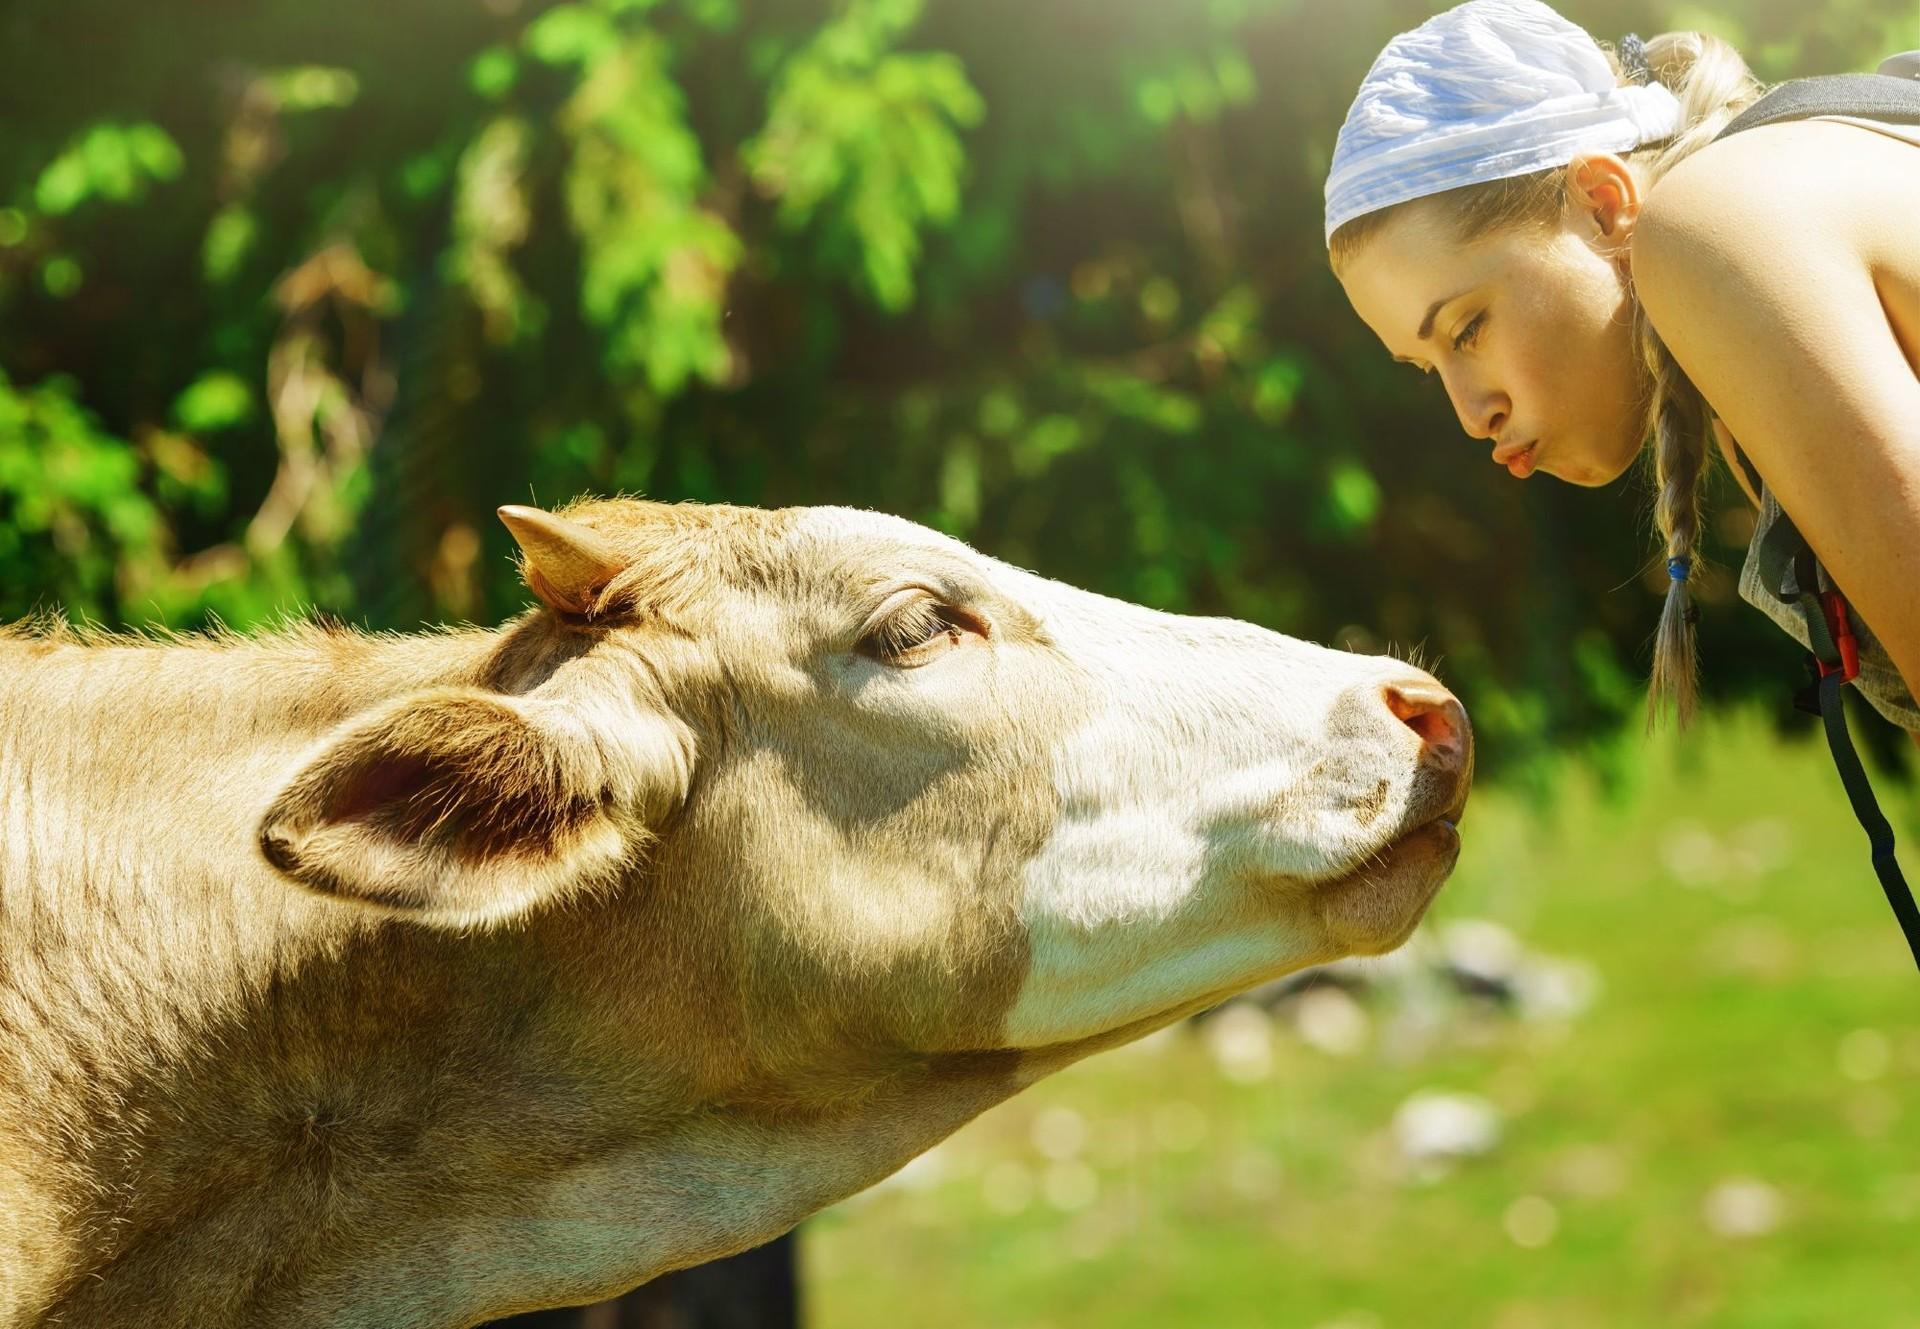 Mädchen und Kuh verstehen sich gut